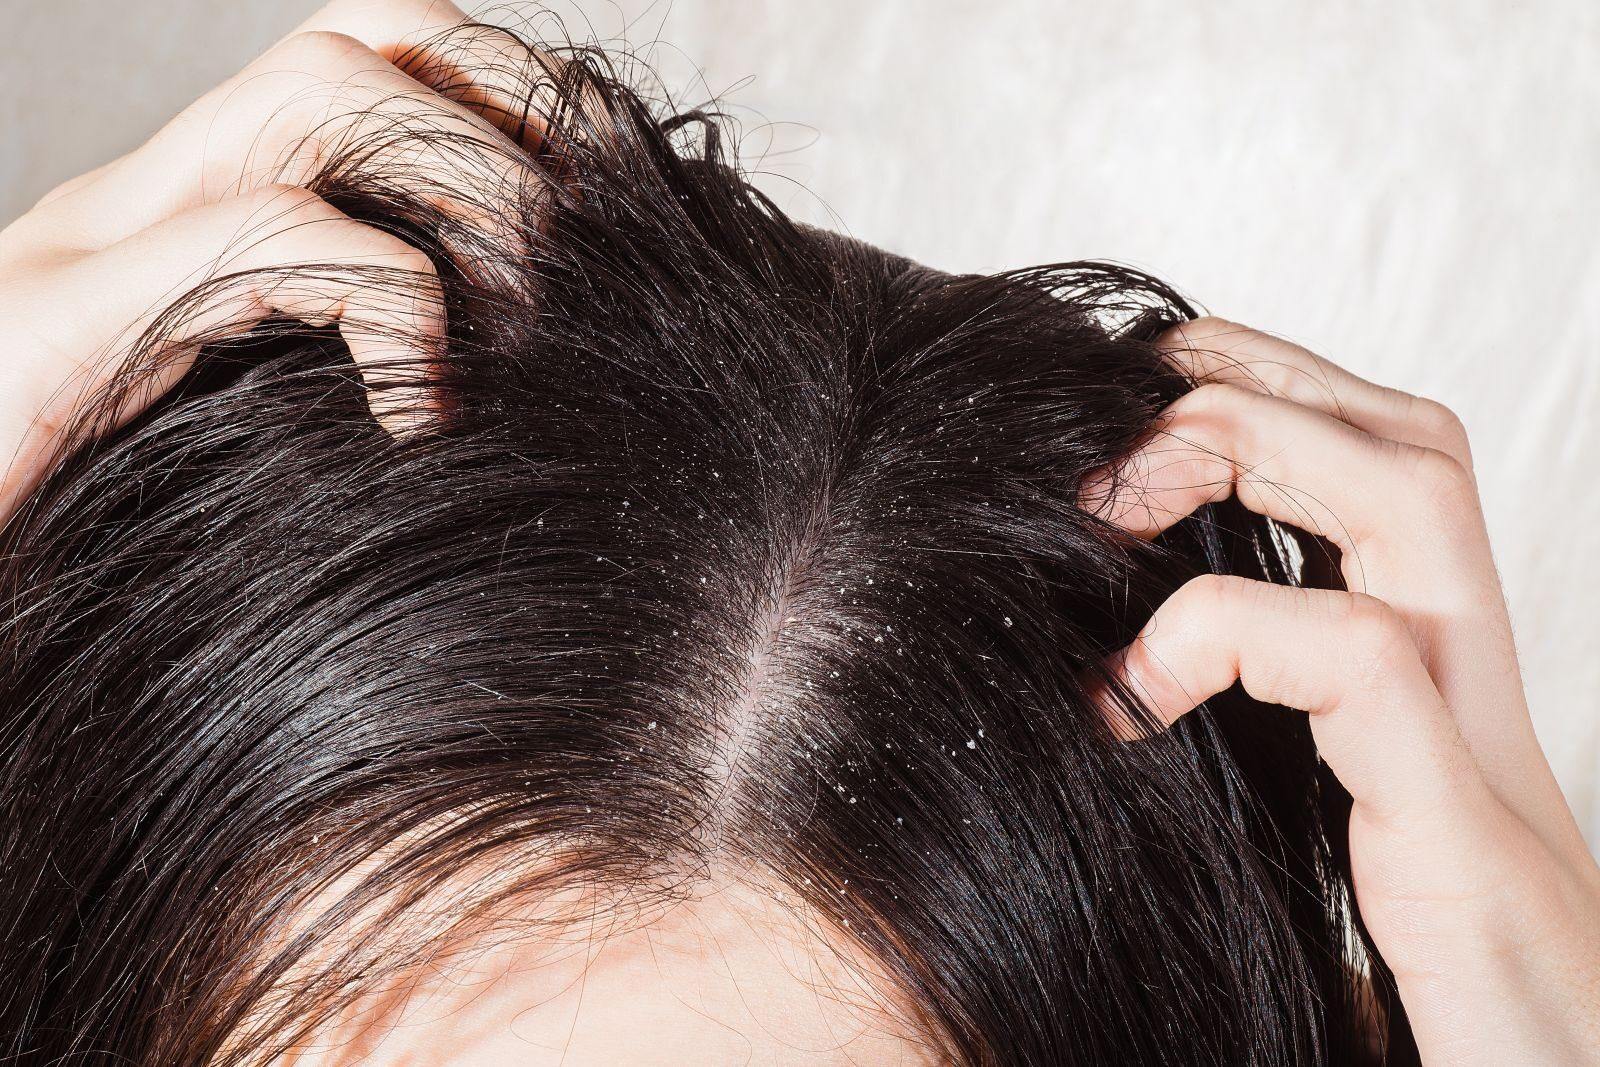 mit kell tenni, ha vörös foltok vannak a fejbőrön